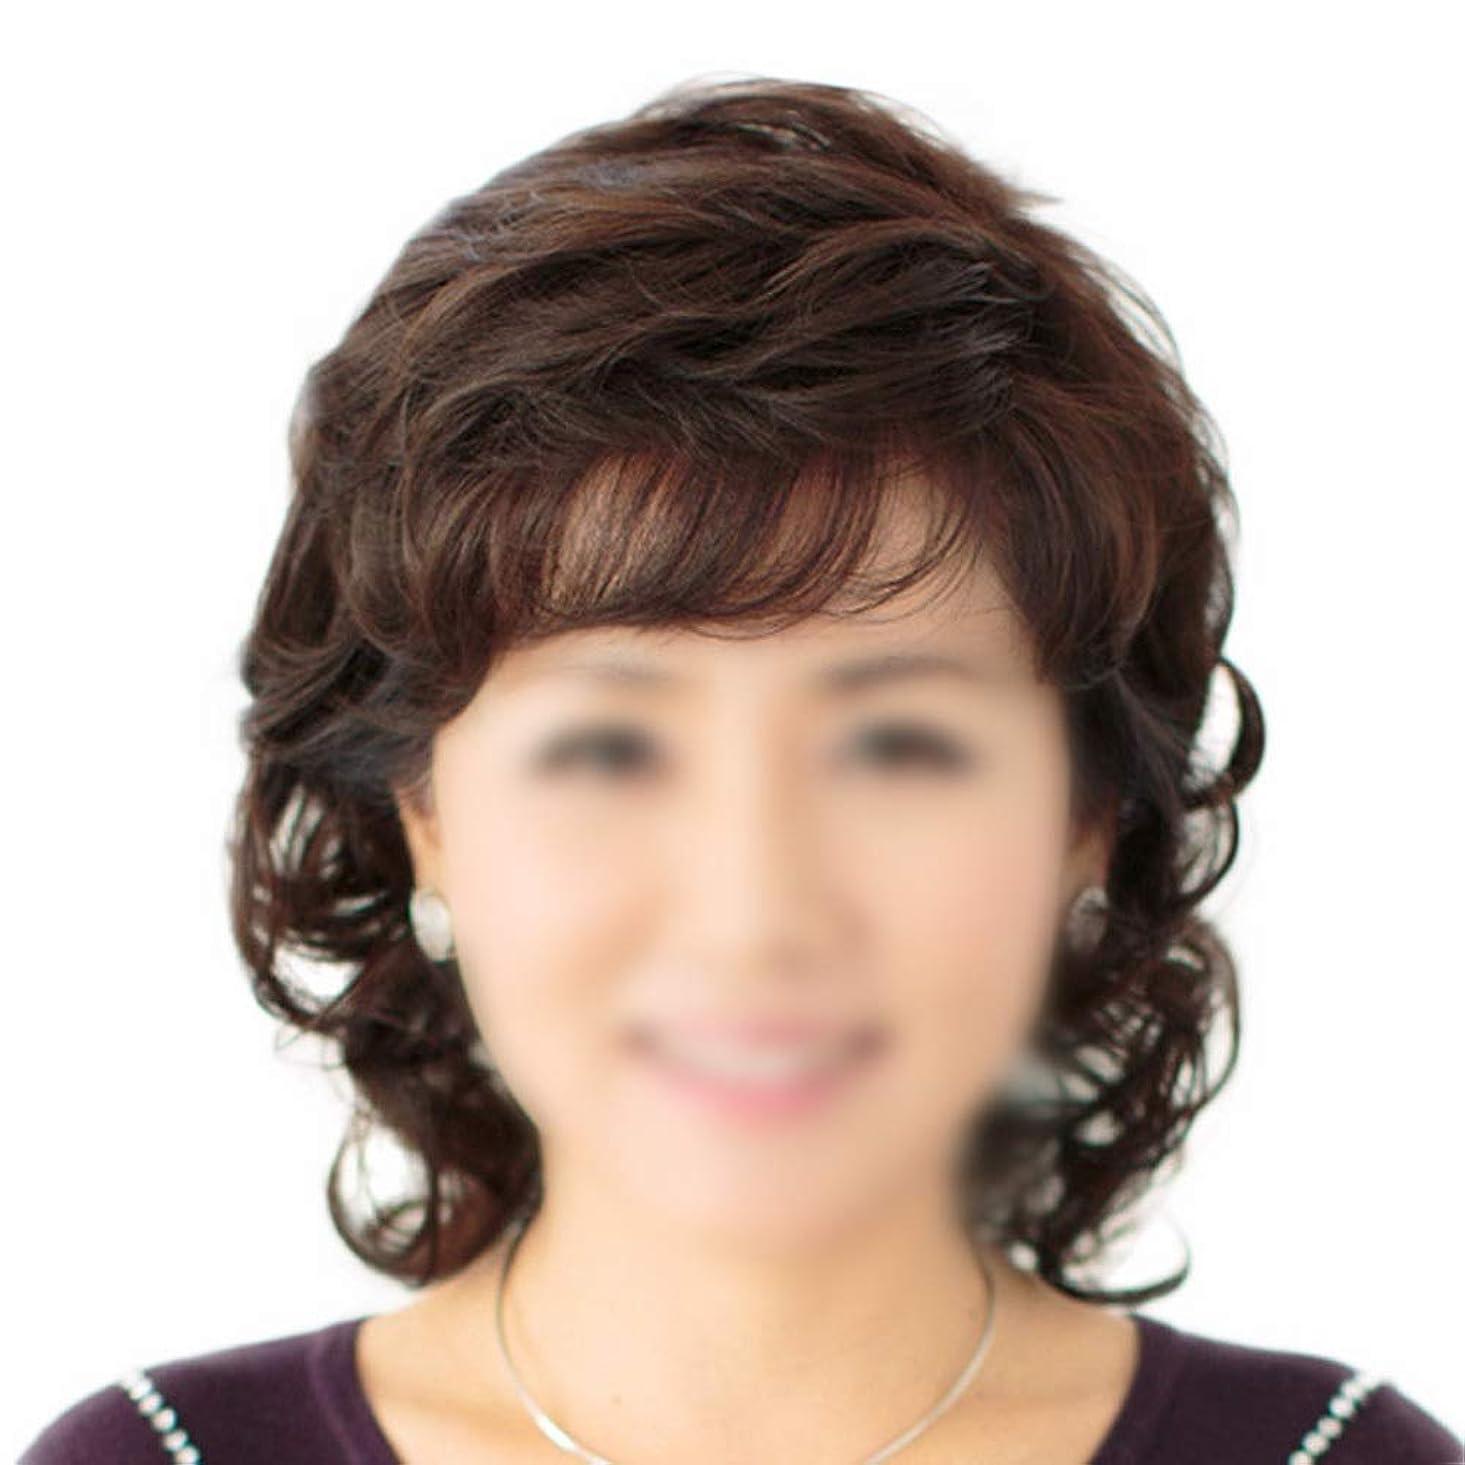 敏感なジャムジャーナルBOBIDYEE 女性のための短いウェーブのかかった髪本物のヘアエクステンション母の贈り物中高年のかつらファッションかつら (色 : Dark brown, サイズ : Mechanism)